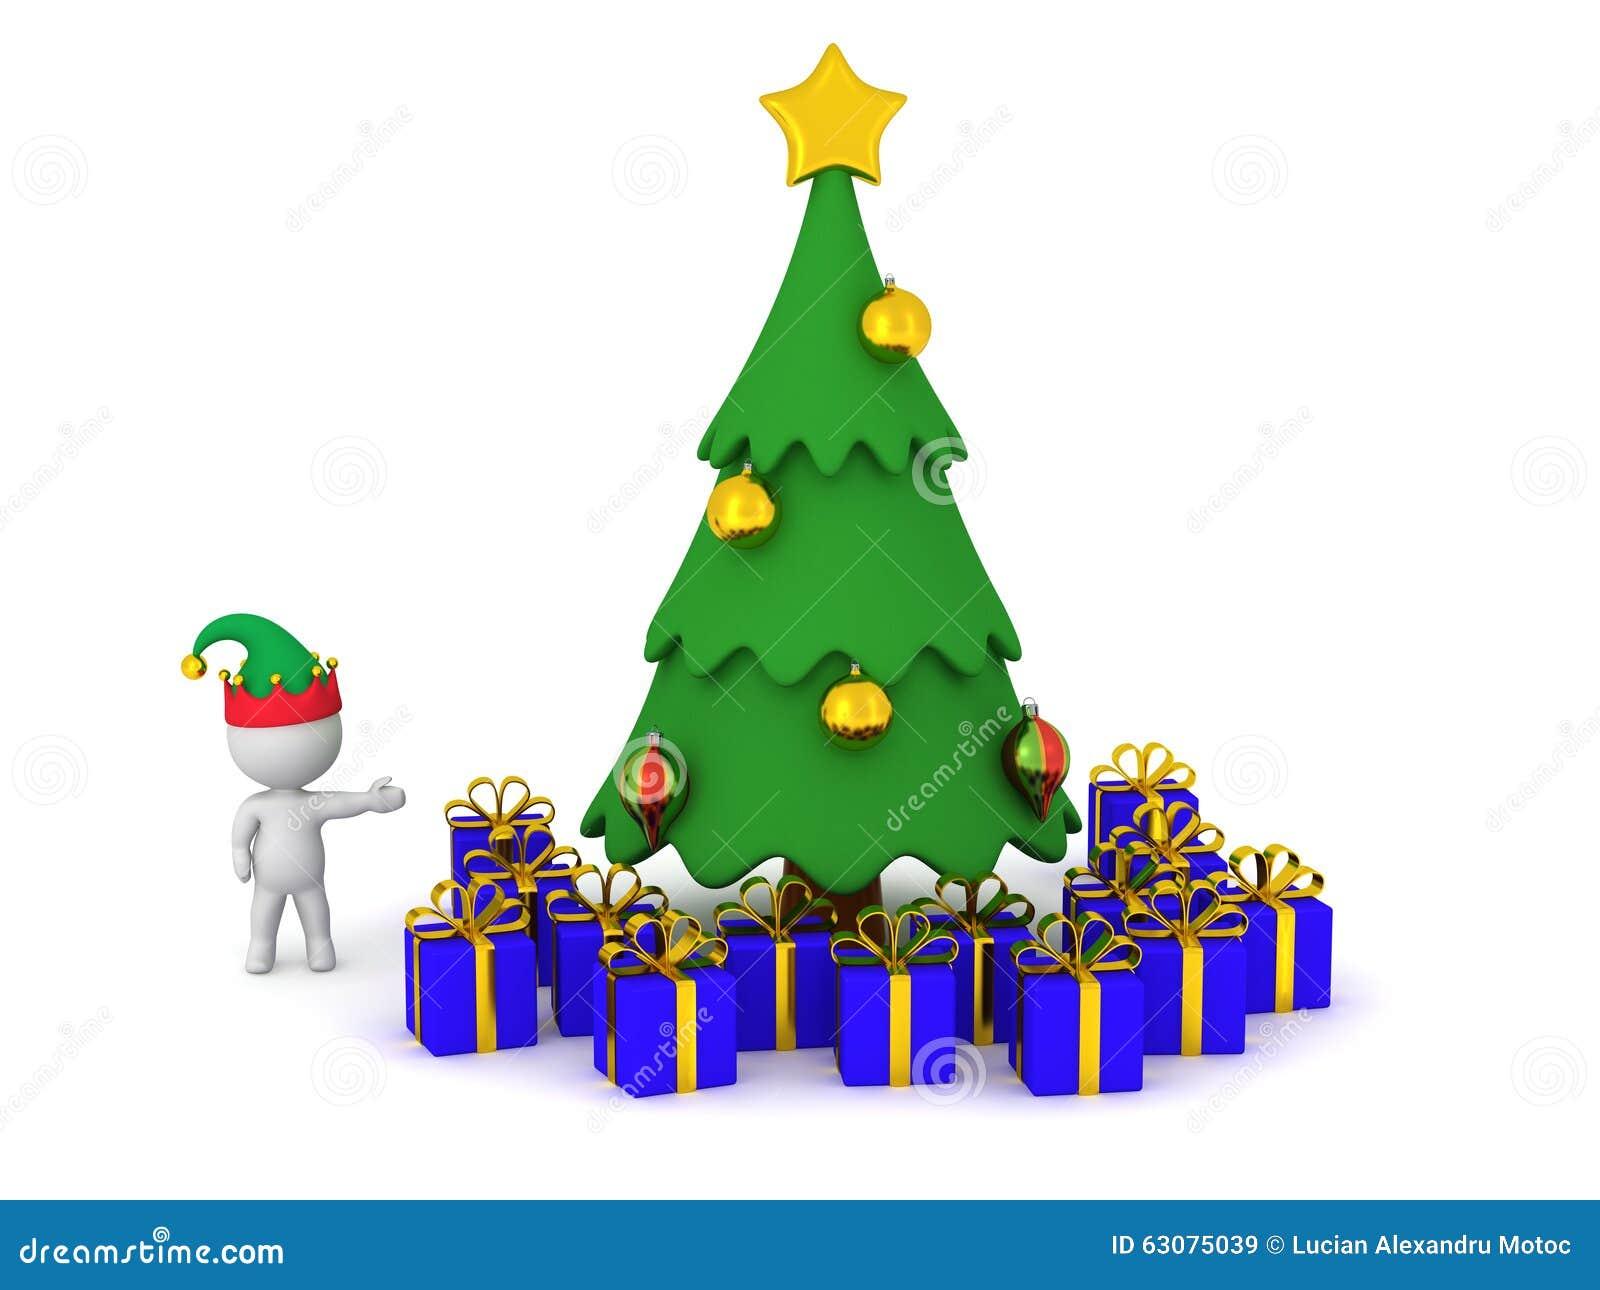 Download Caractère 3D Montrant L'arbre De Noël Cartoonish Avec Le Cadeau Enveloppé Illustration Stock - Illustration du sucreries, saisonnier: 63075039